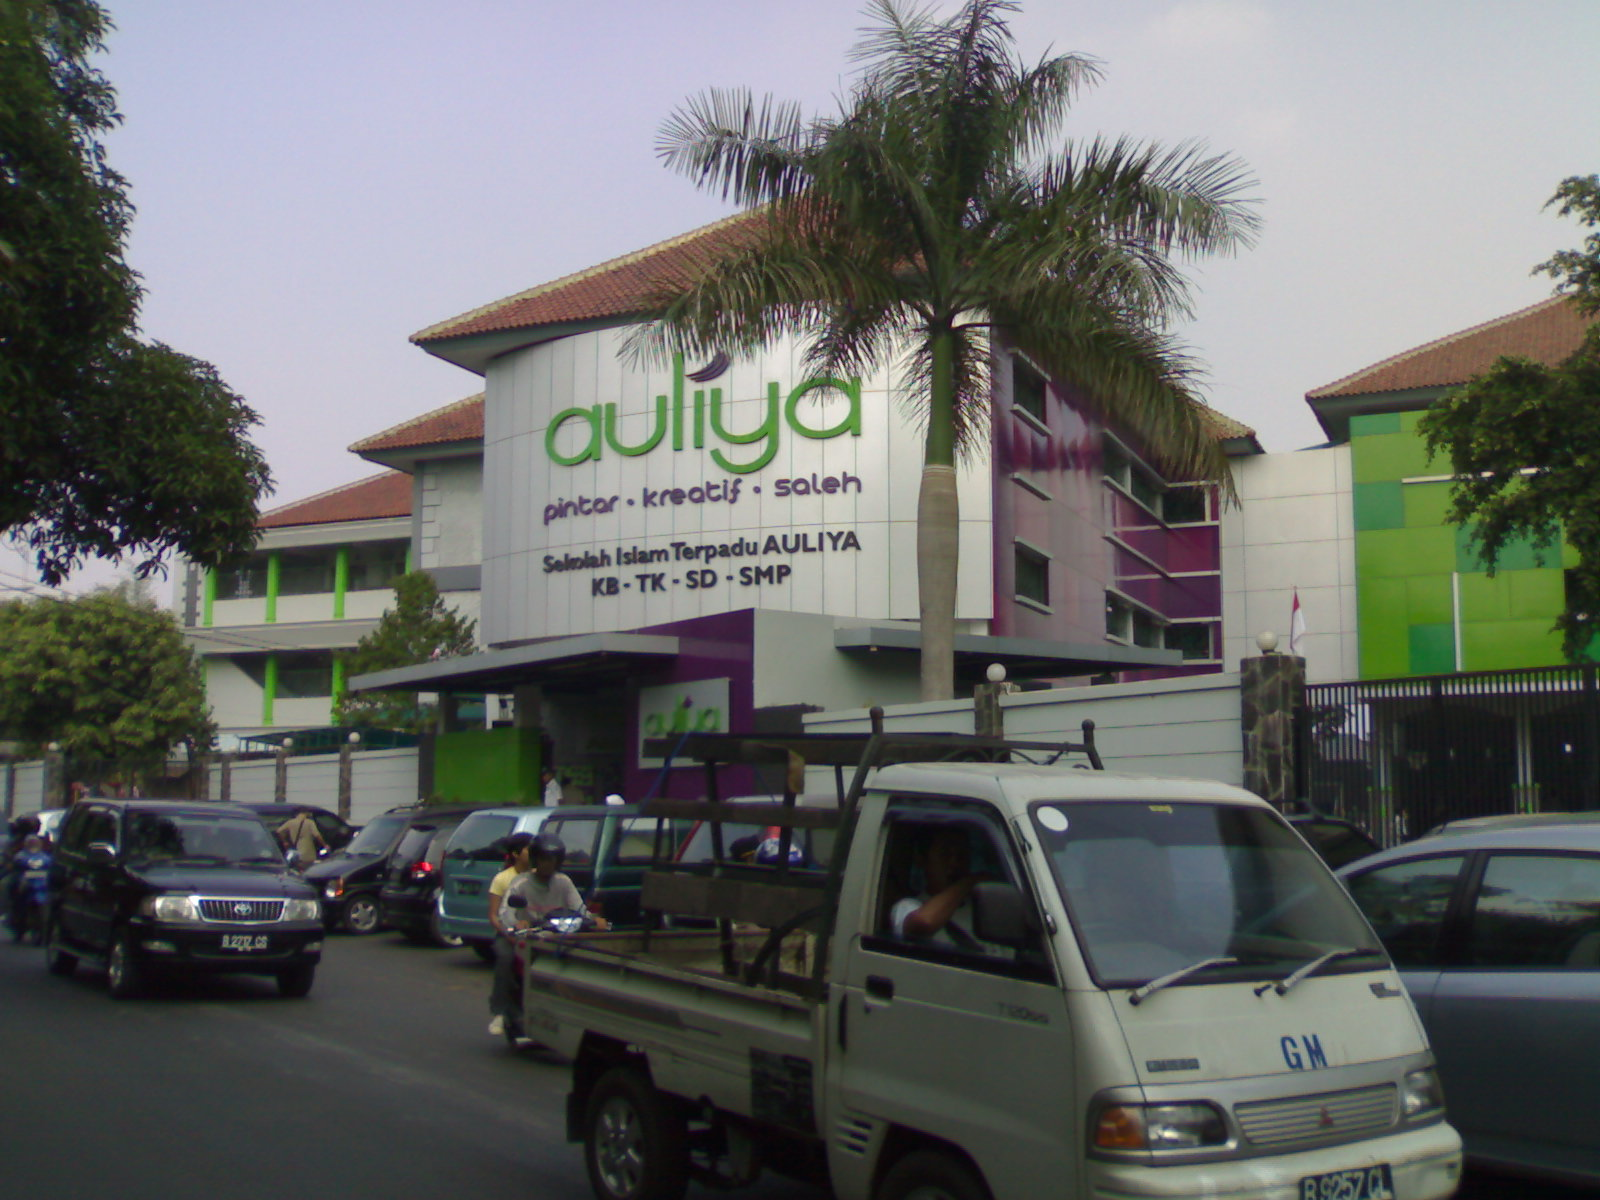 Dental International Bintaro Sdit Auliya Bintaro